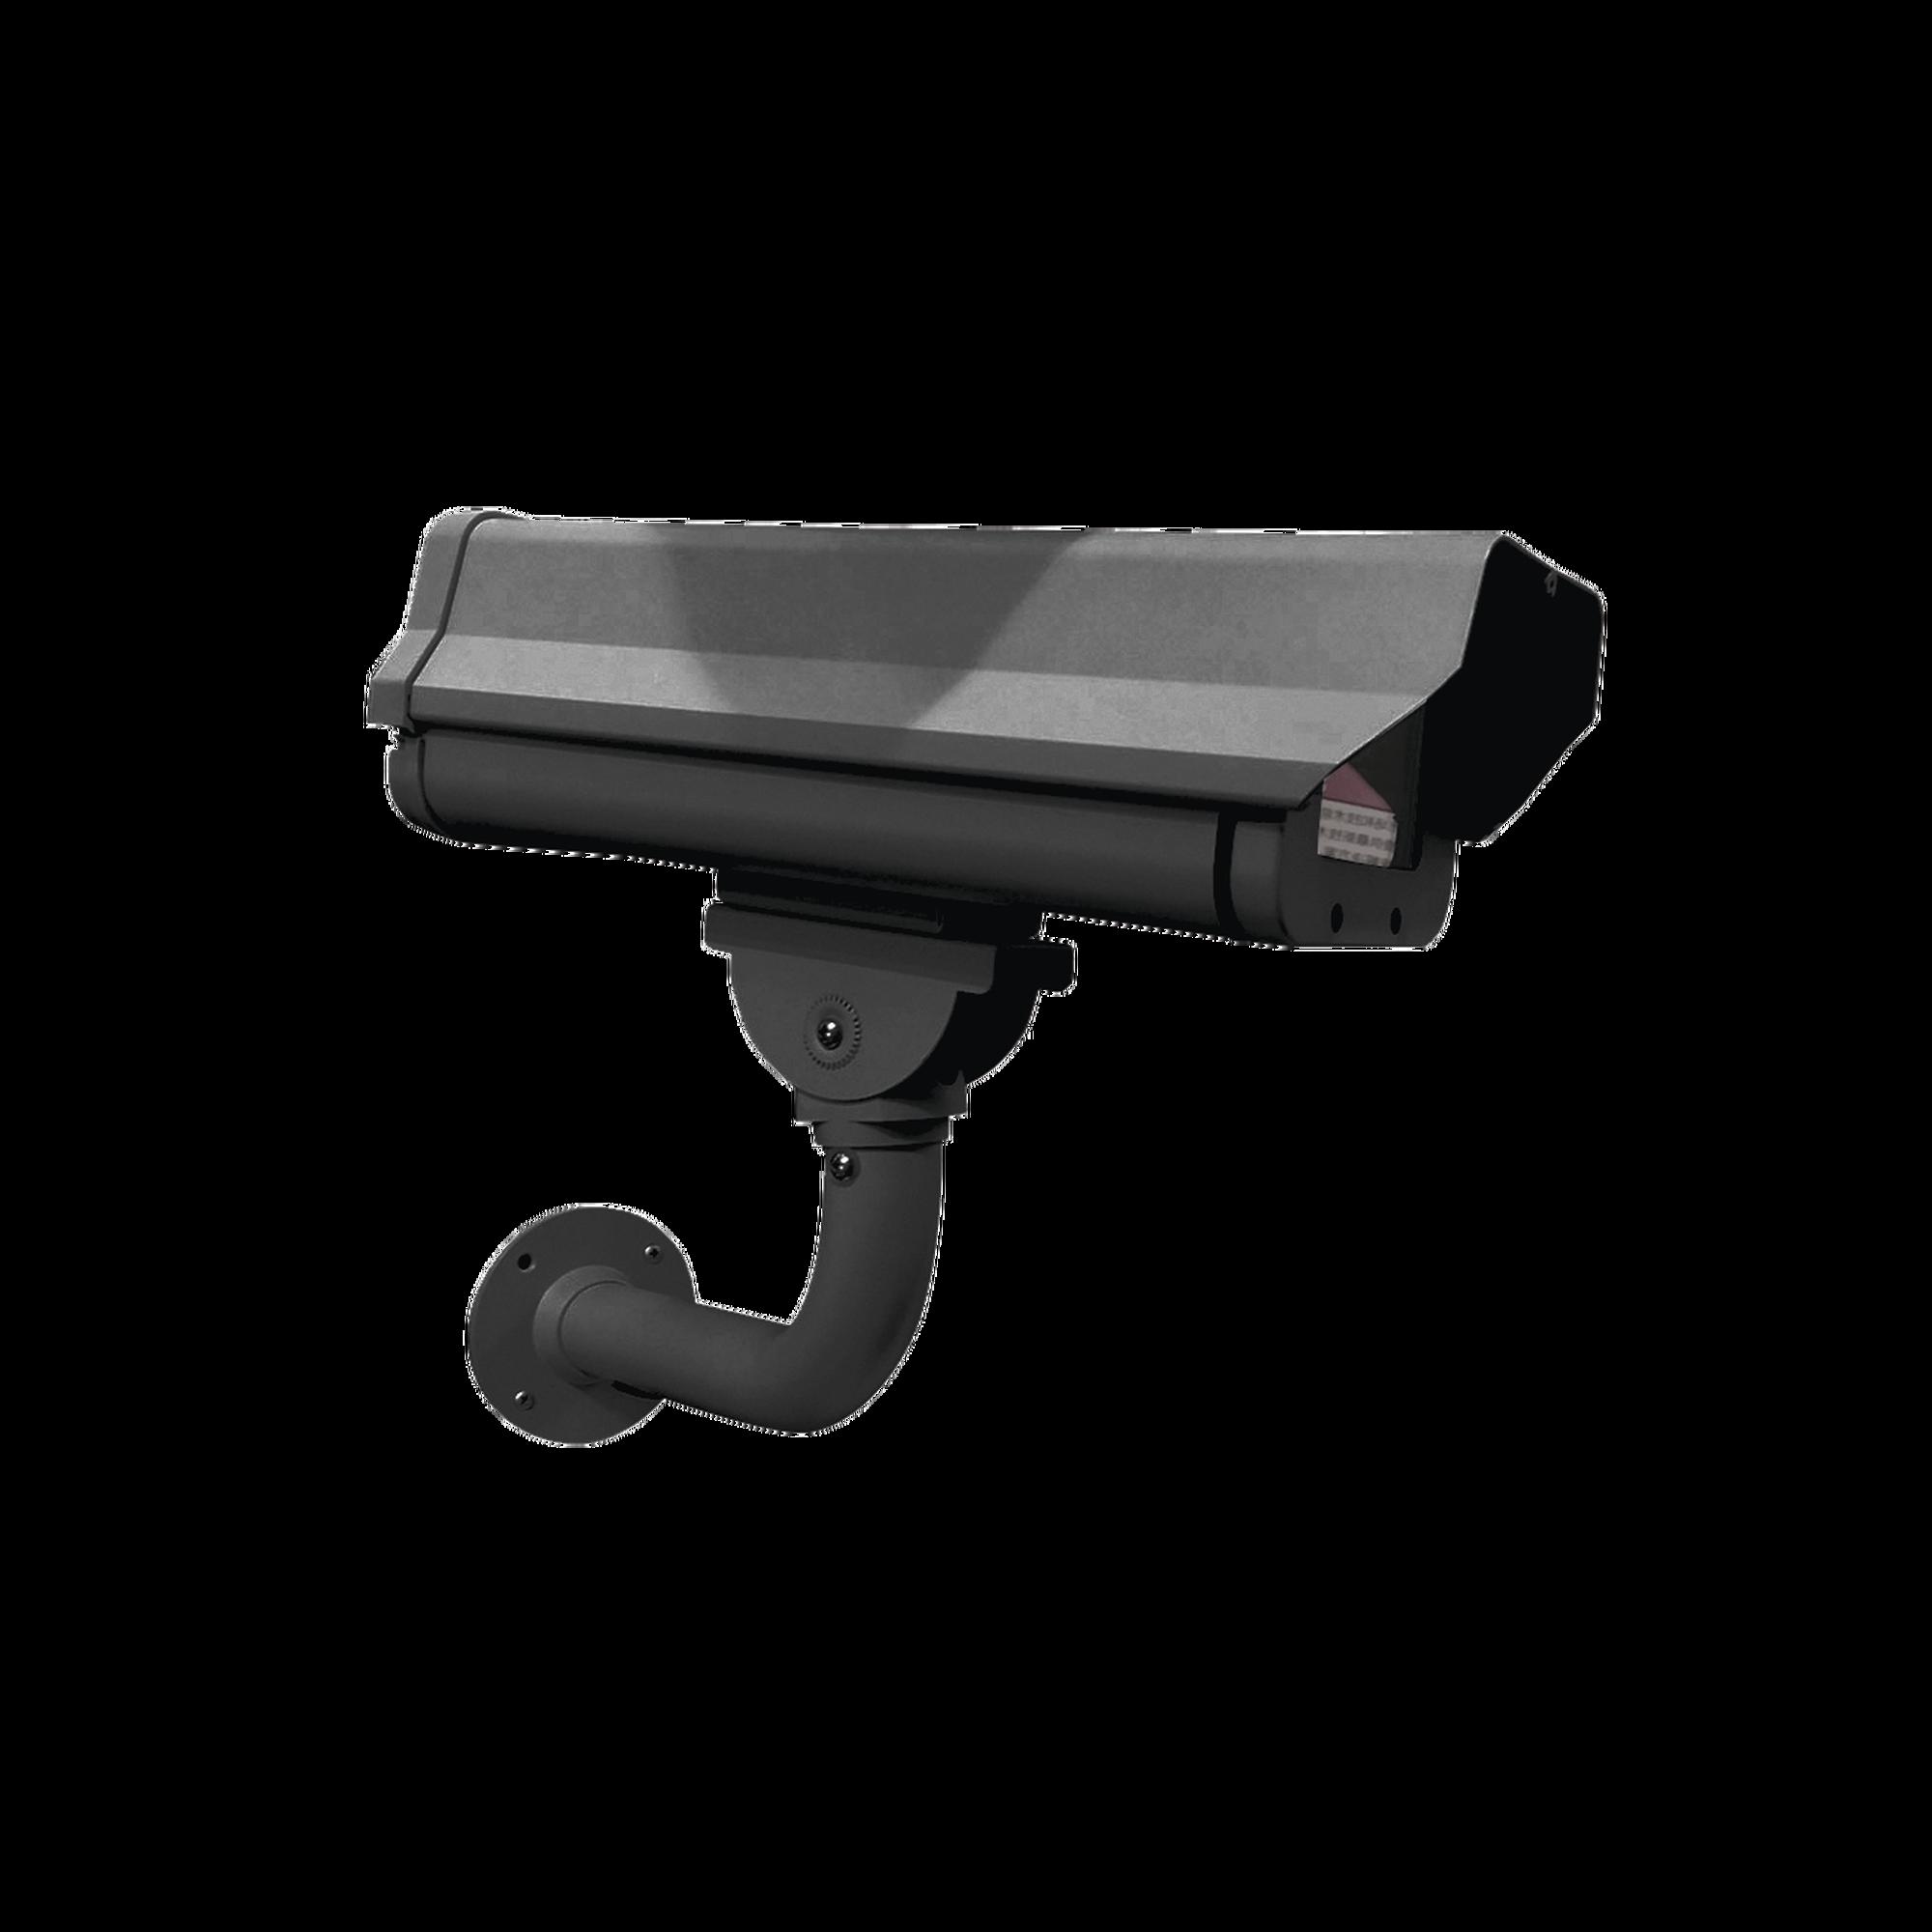 Gabinete Antivandálico IP66 con Brazo de Acero Color Negro